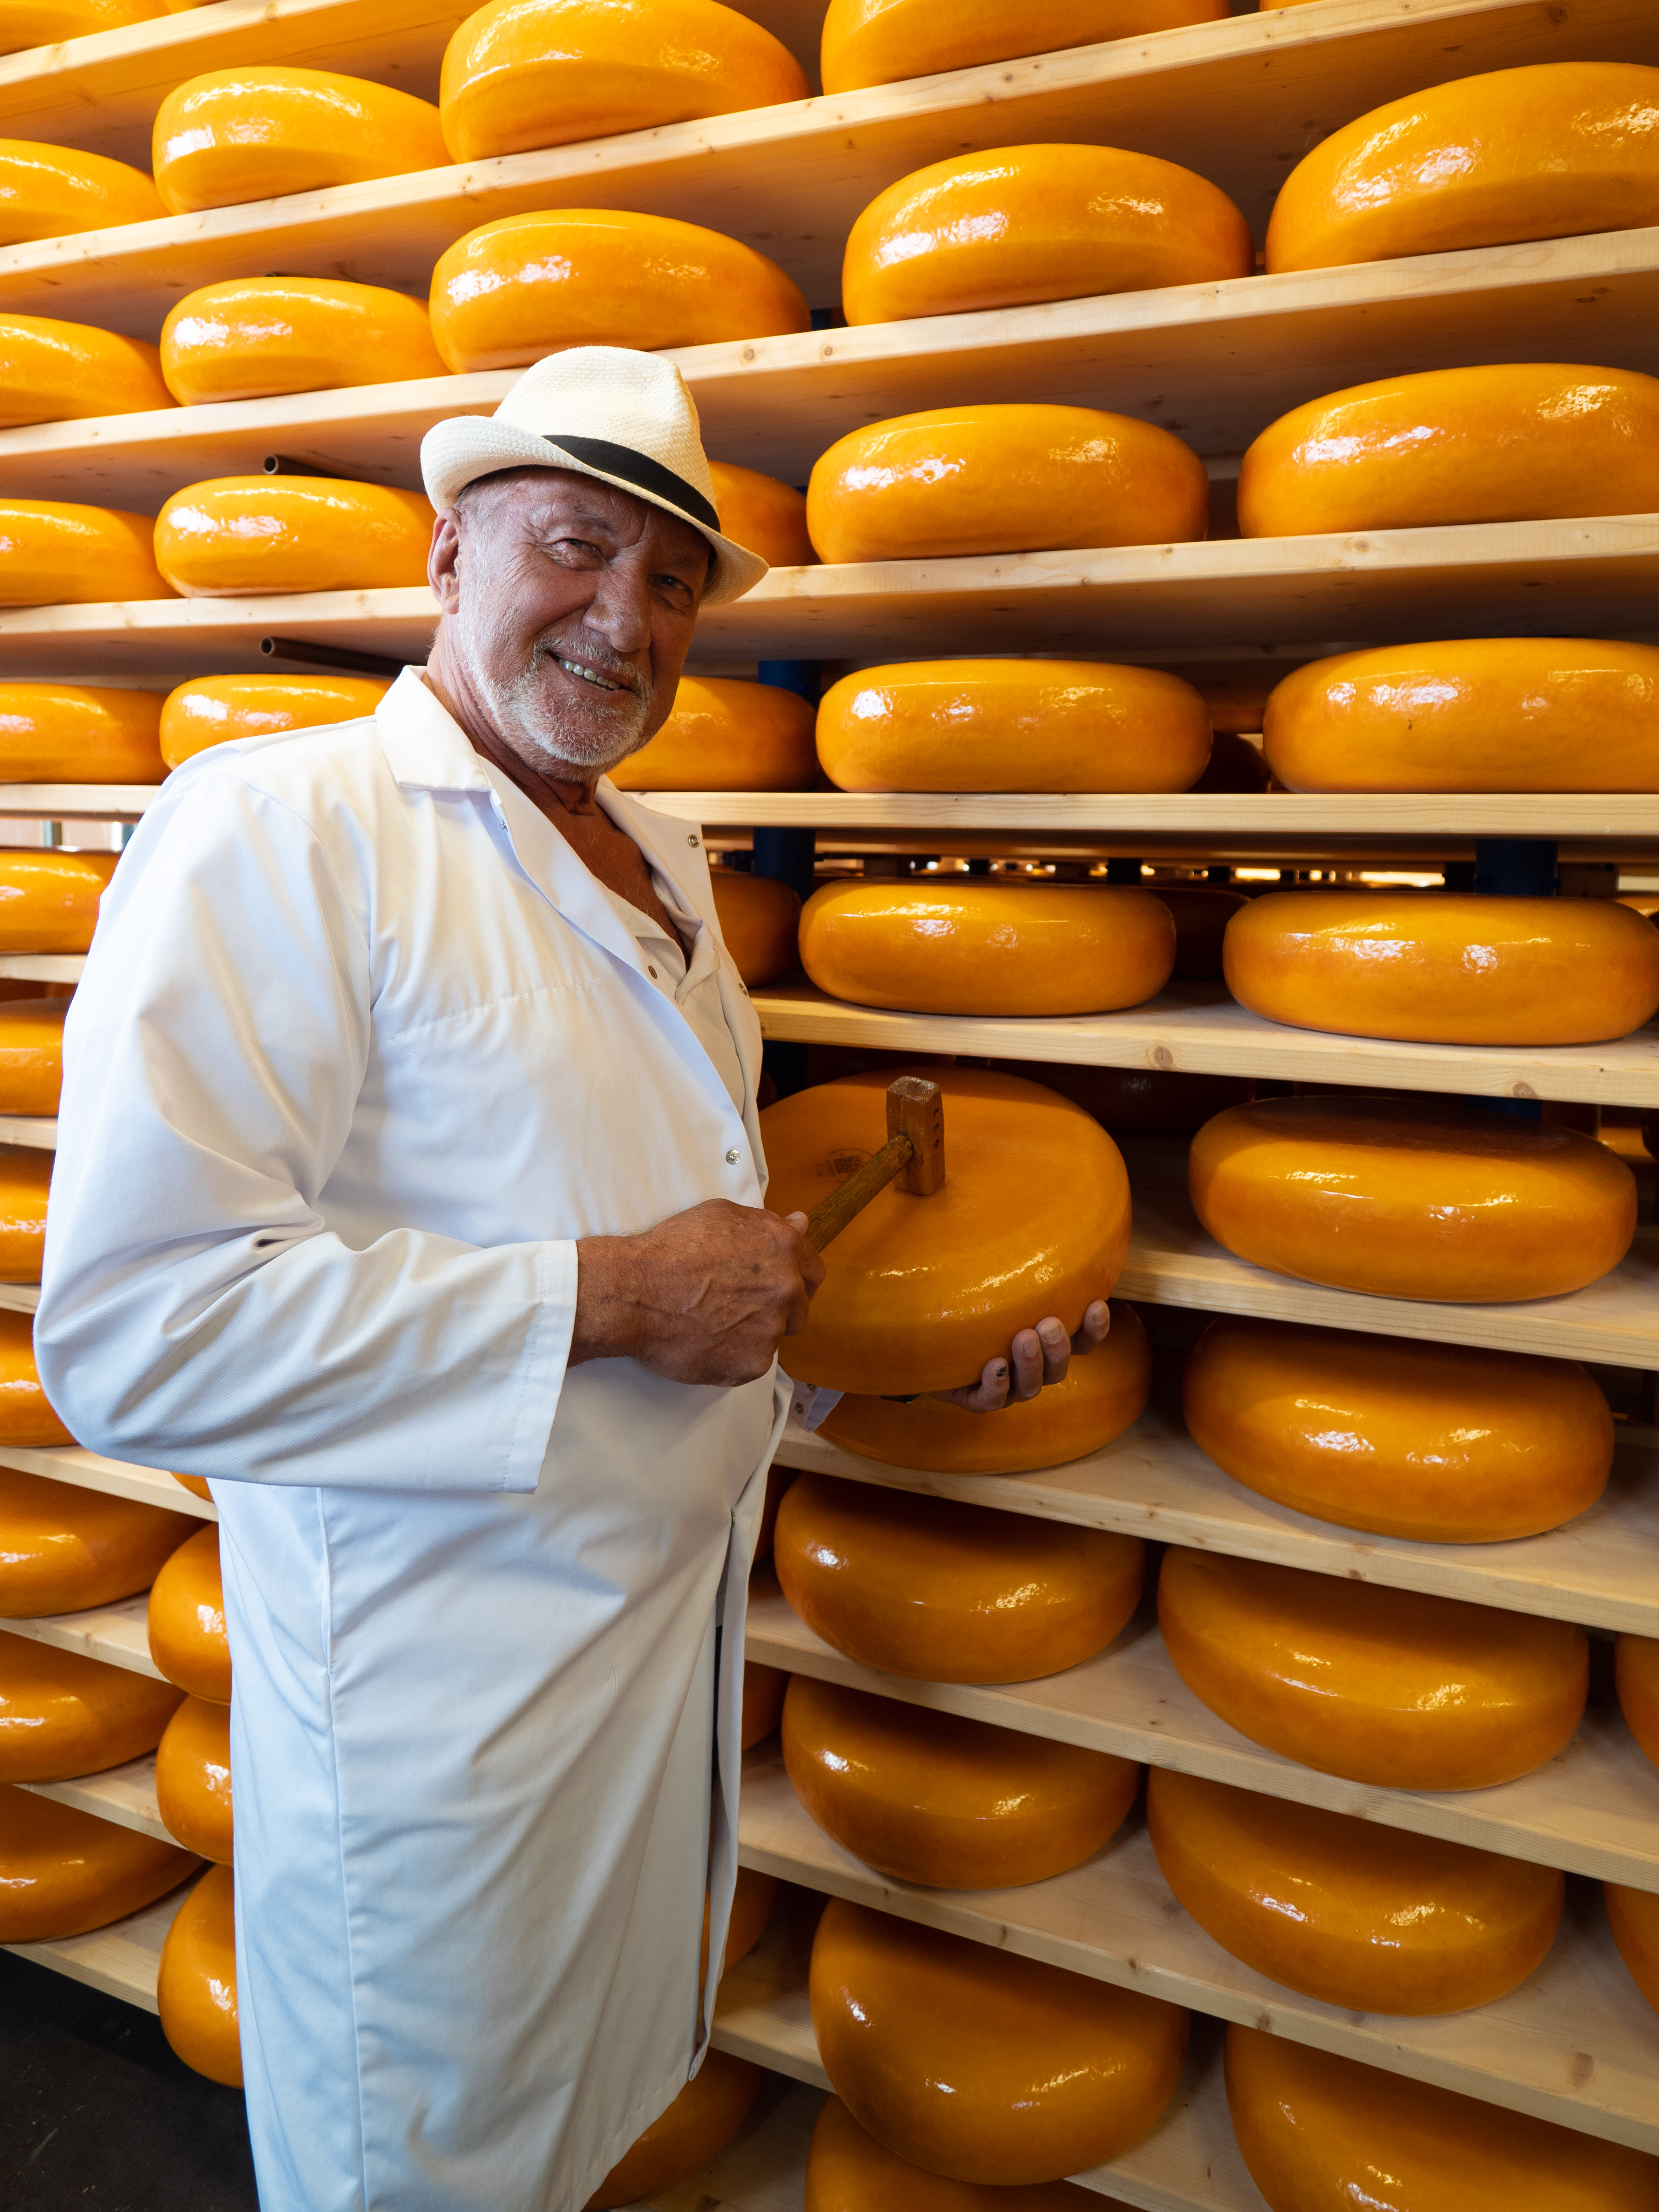 Kaaspakhuis Woerden - Cheese experience Woerden